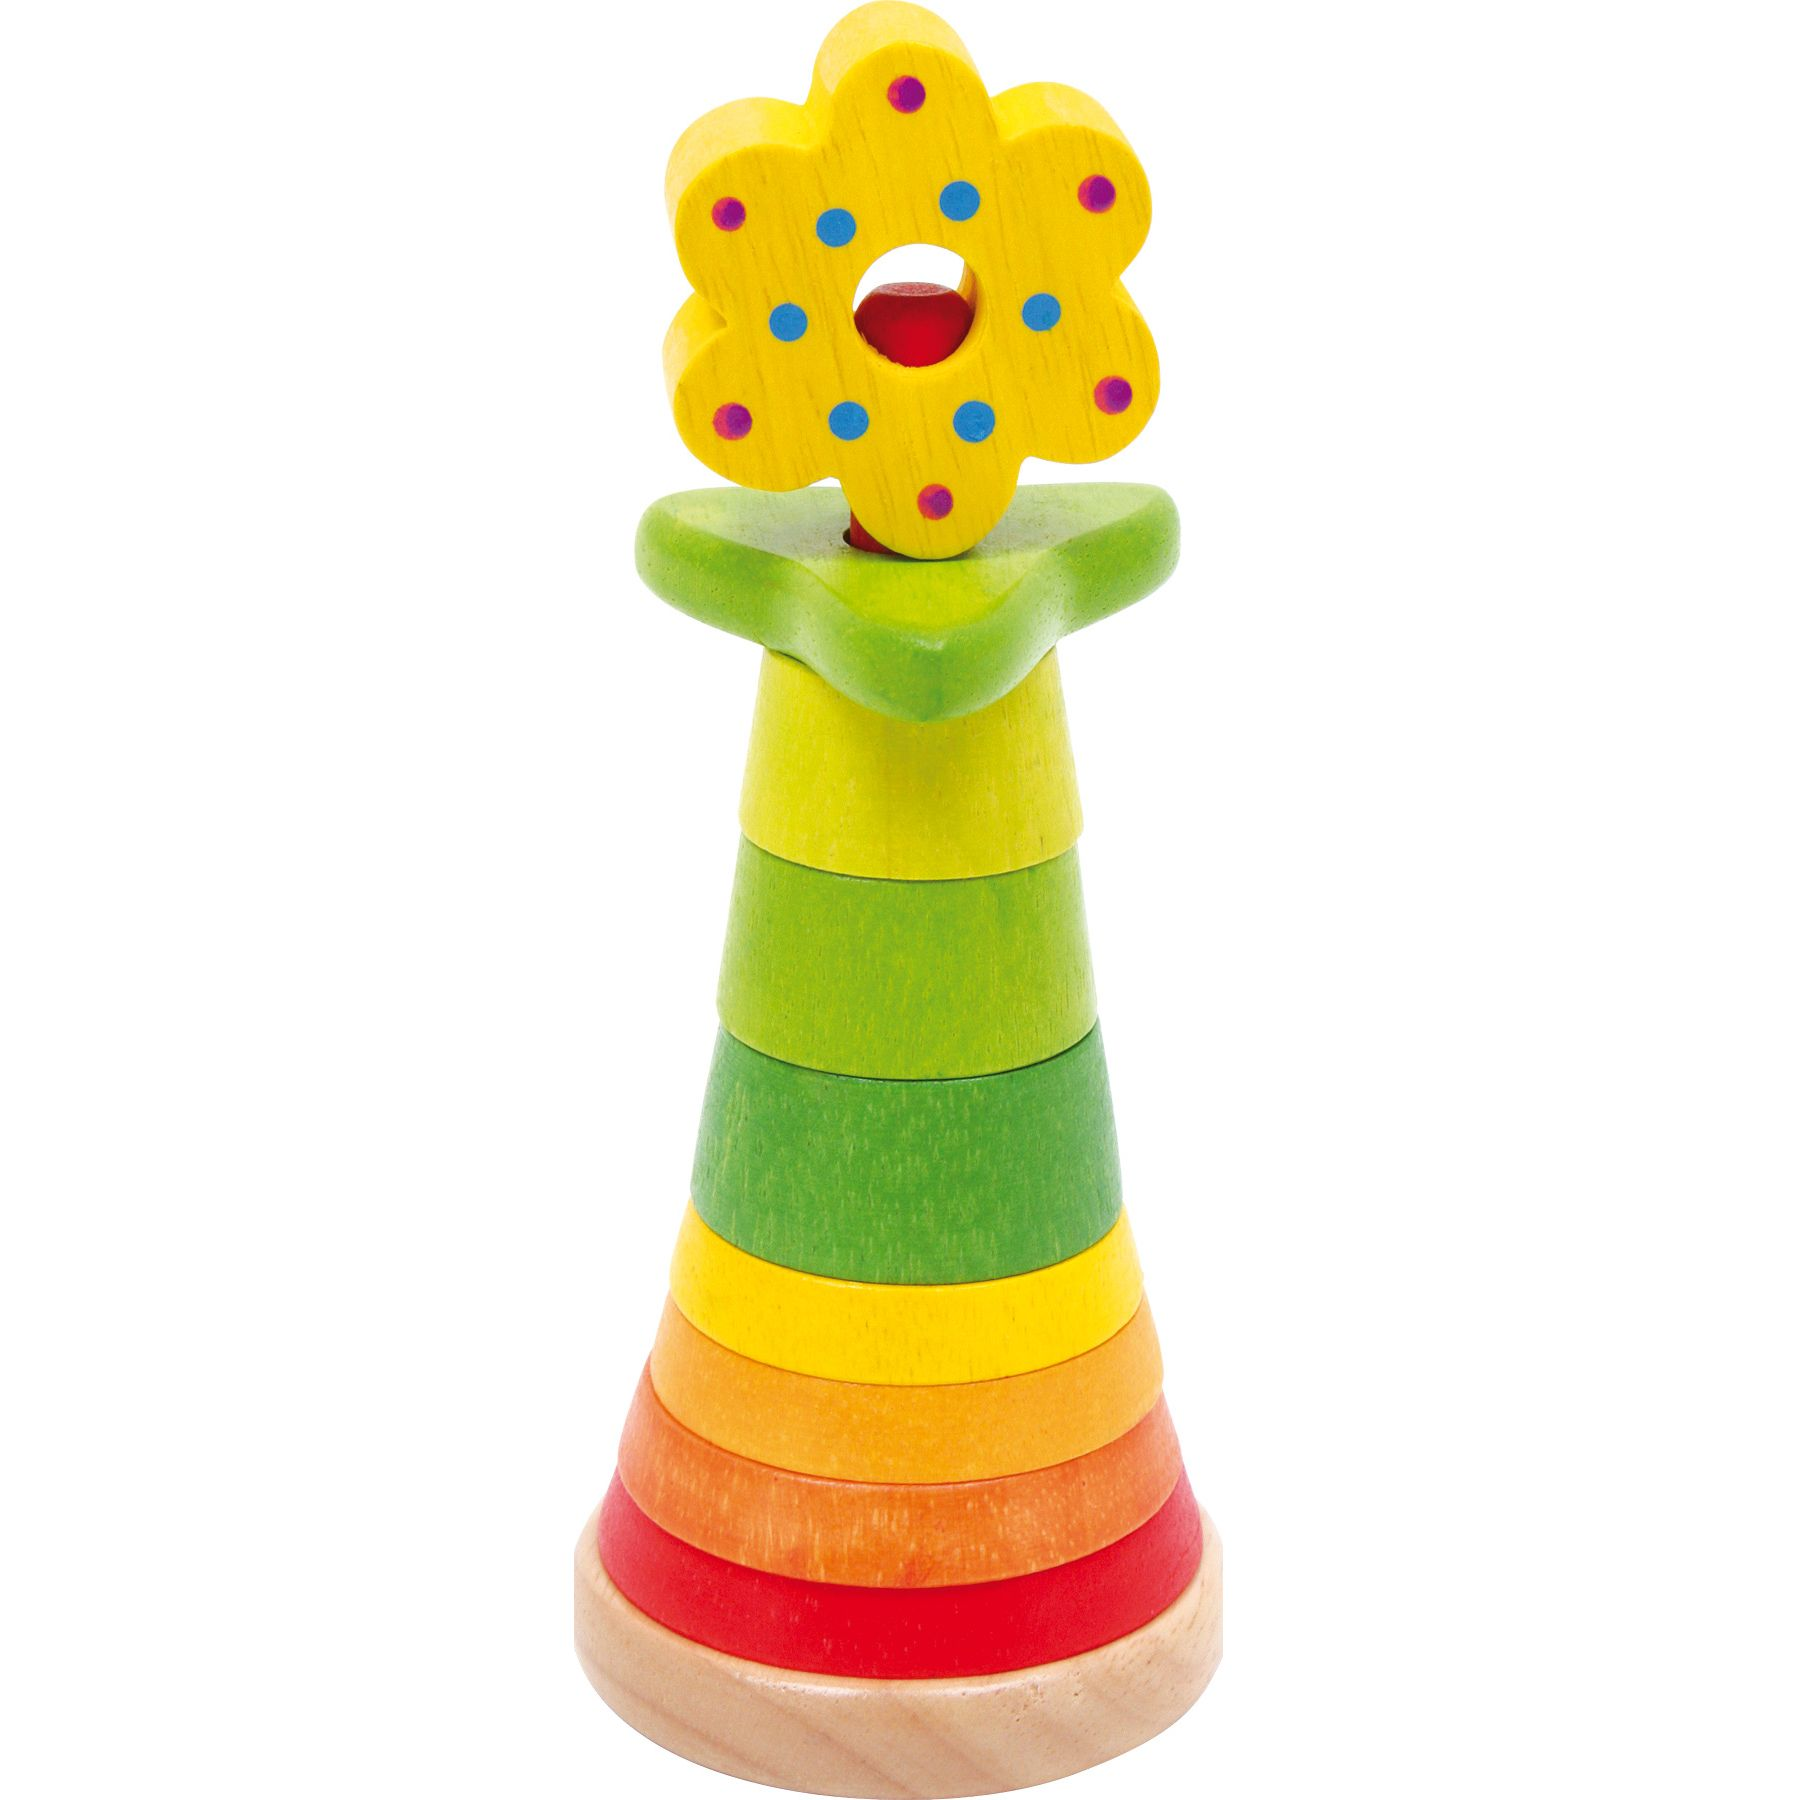 Jeux et Jouets Lelgler - Small foot Fleur en bois à empiler